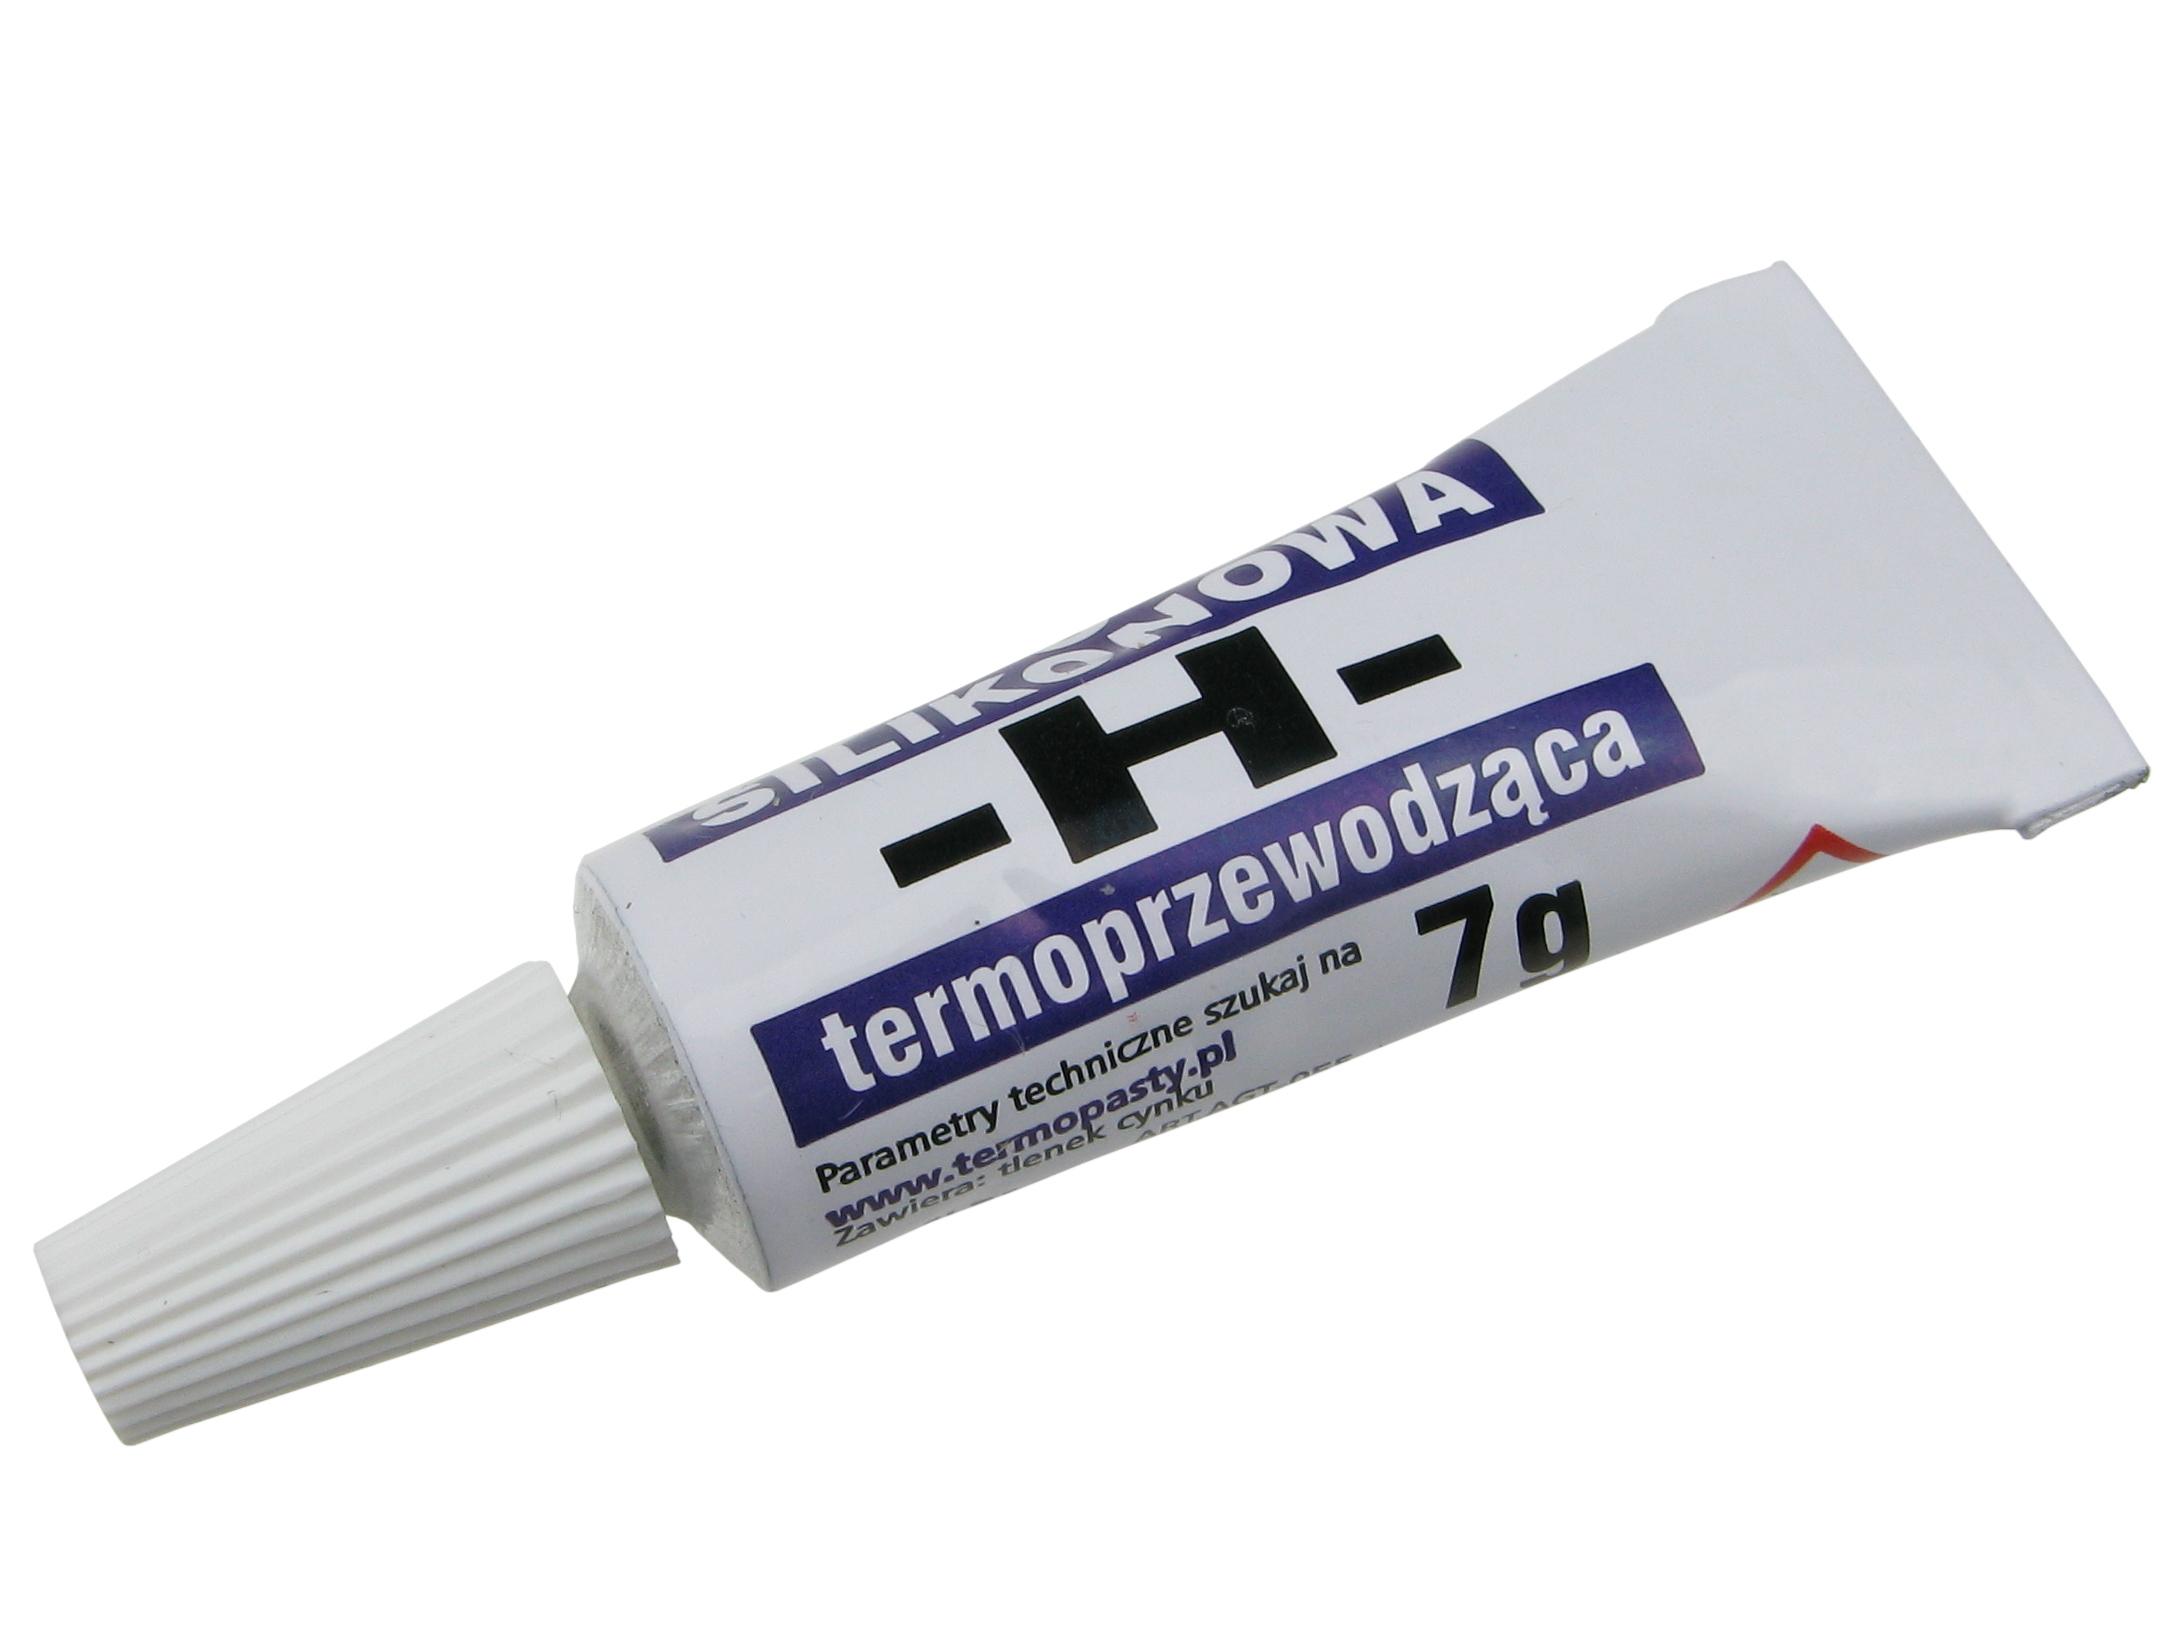 # Паста силиконовая теплообмена типа H 7g/0793